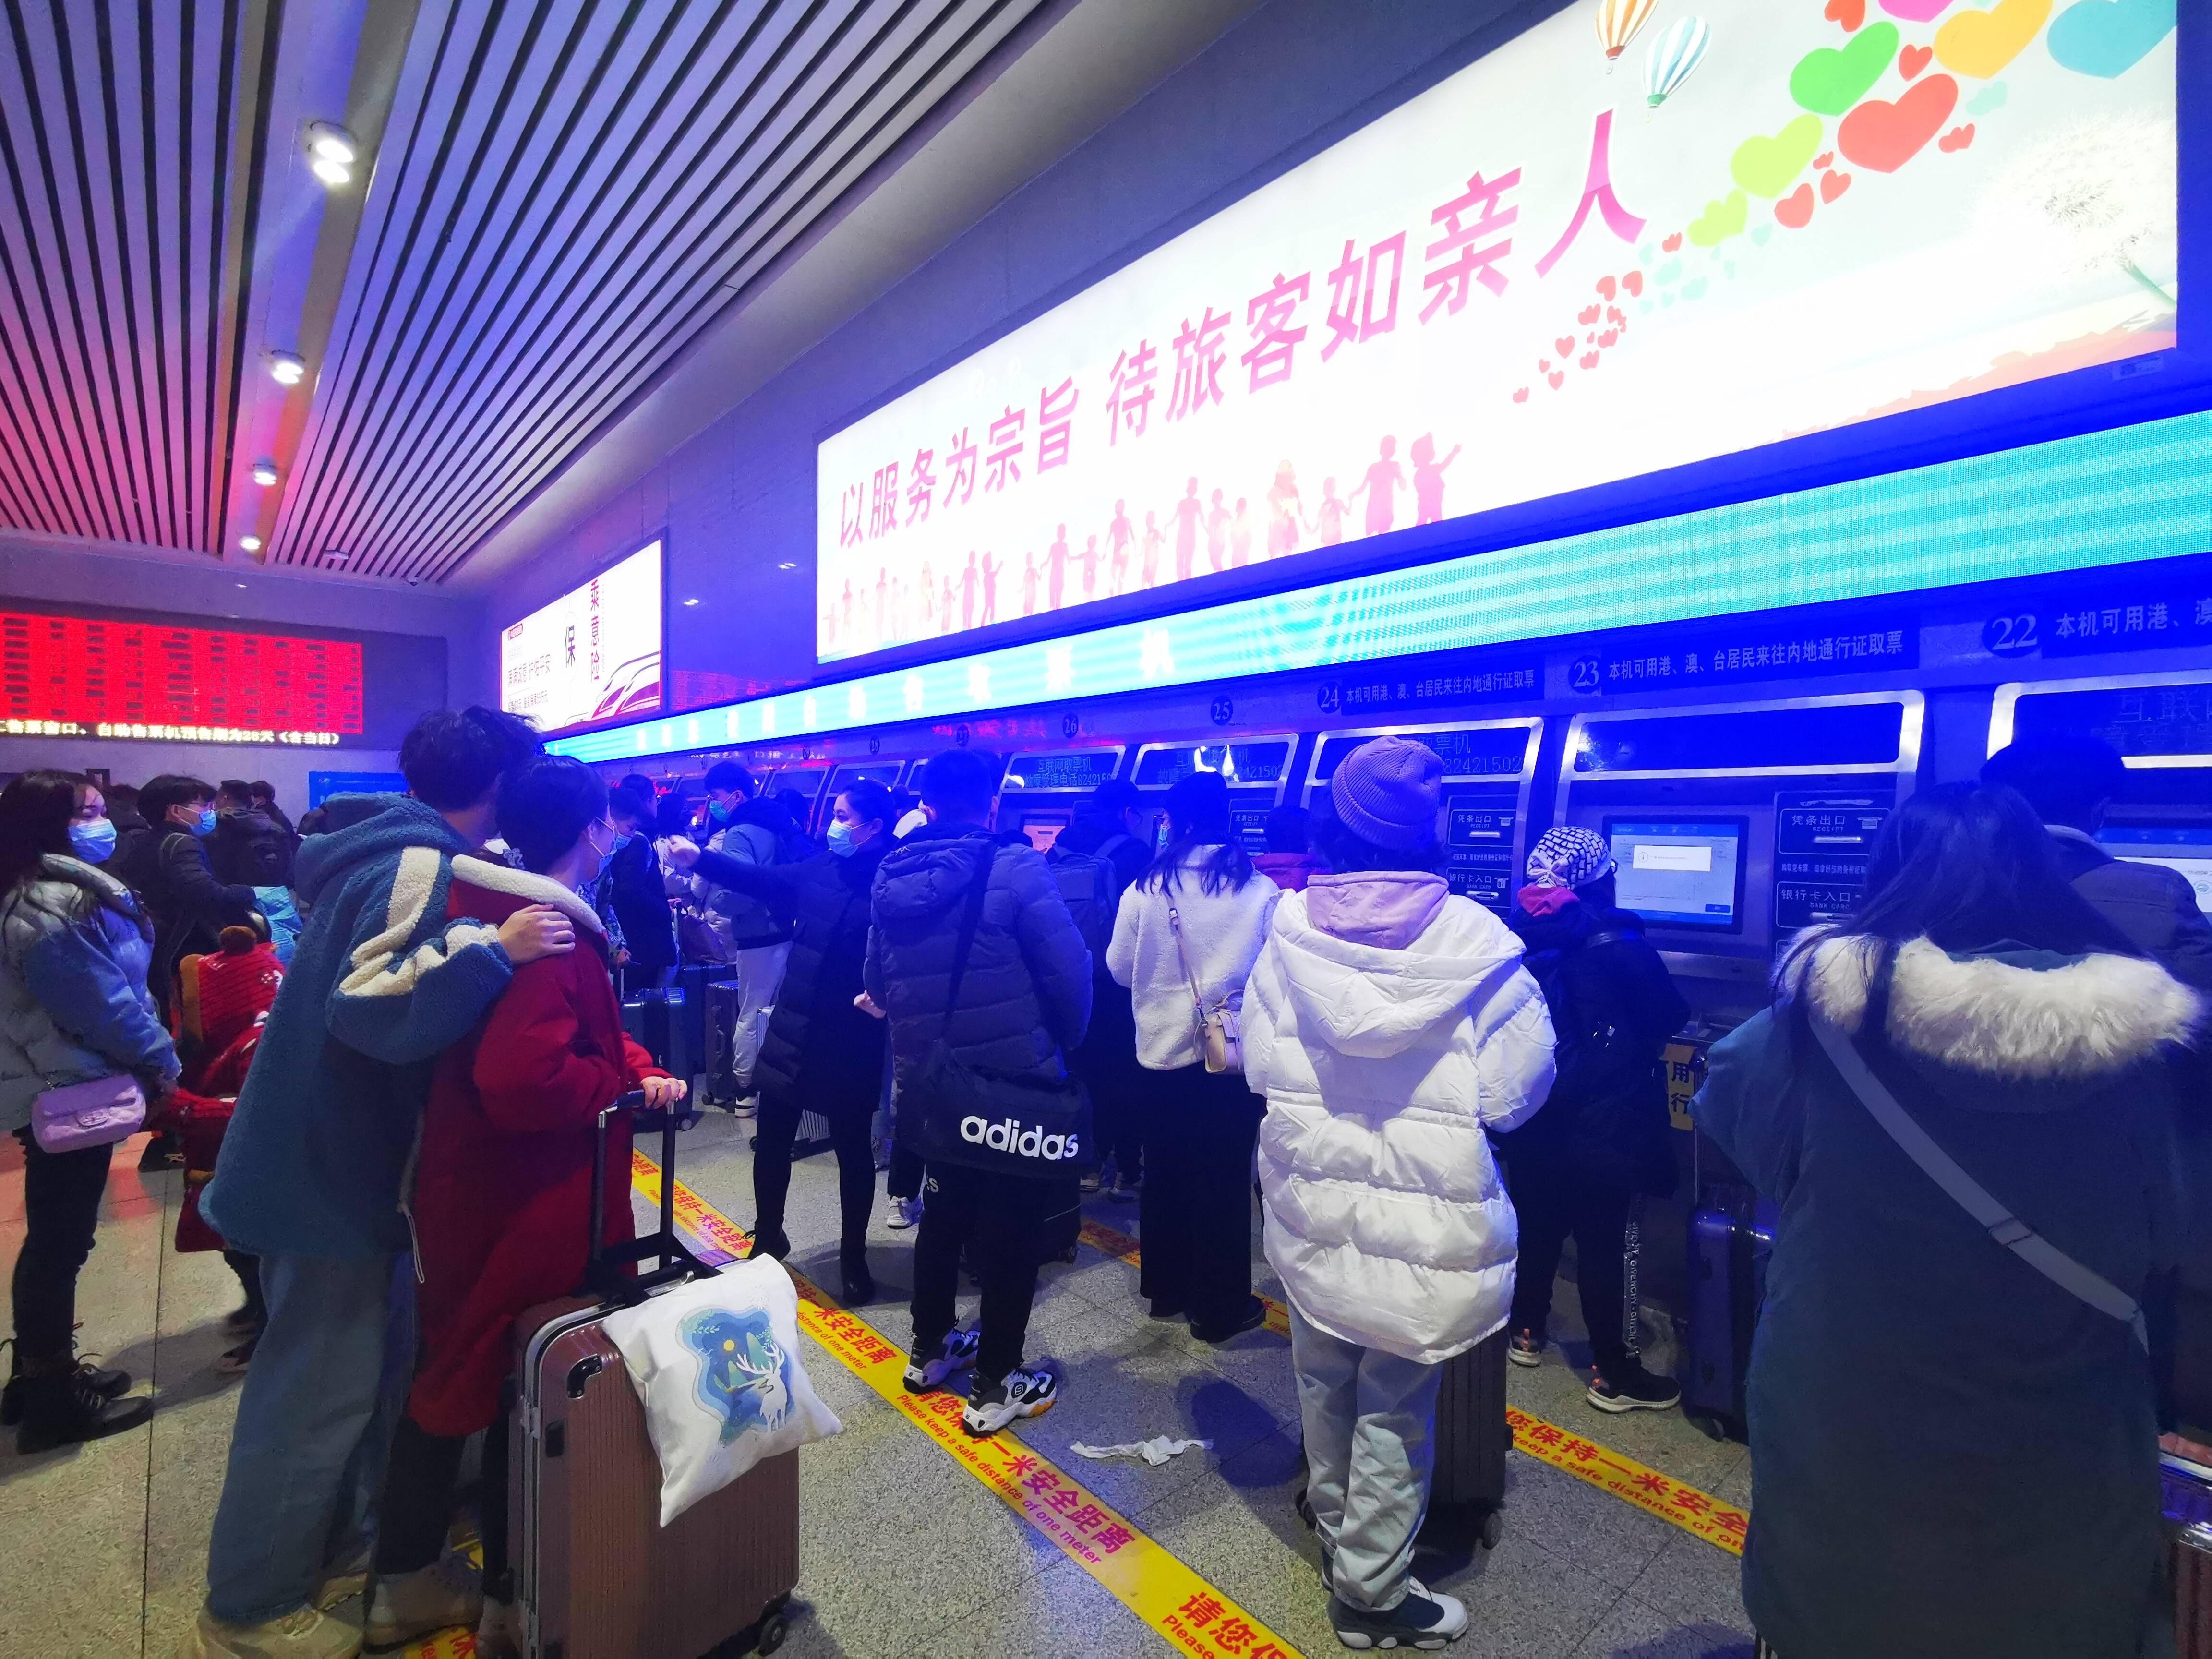 除夕火车票今起售 网络售票服务时间和退票办理时间调整